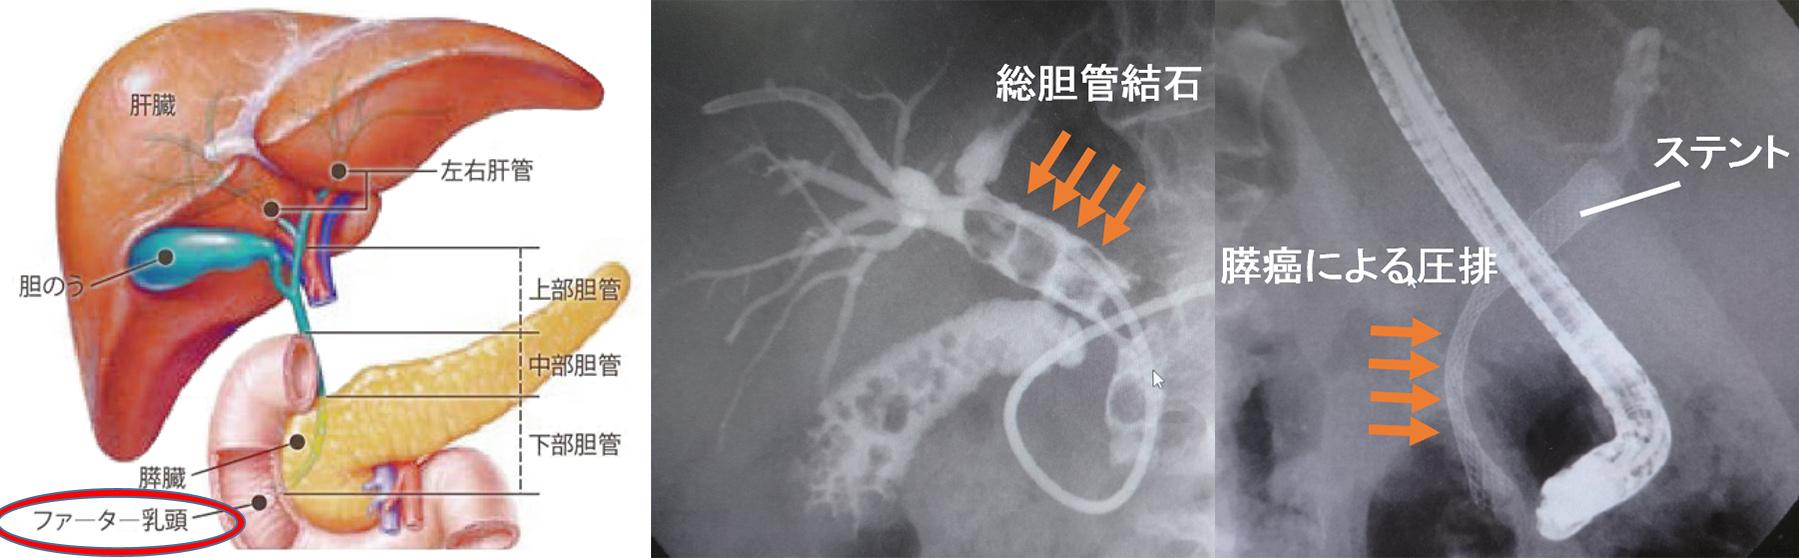 内視鏡的逆行性膵胆管造影(ERCP)とは